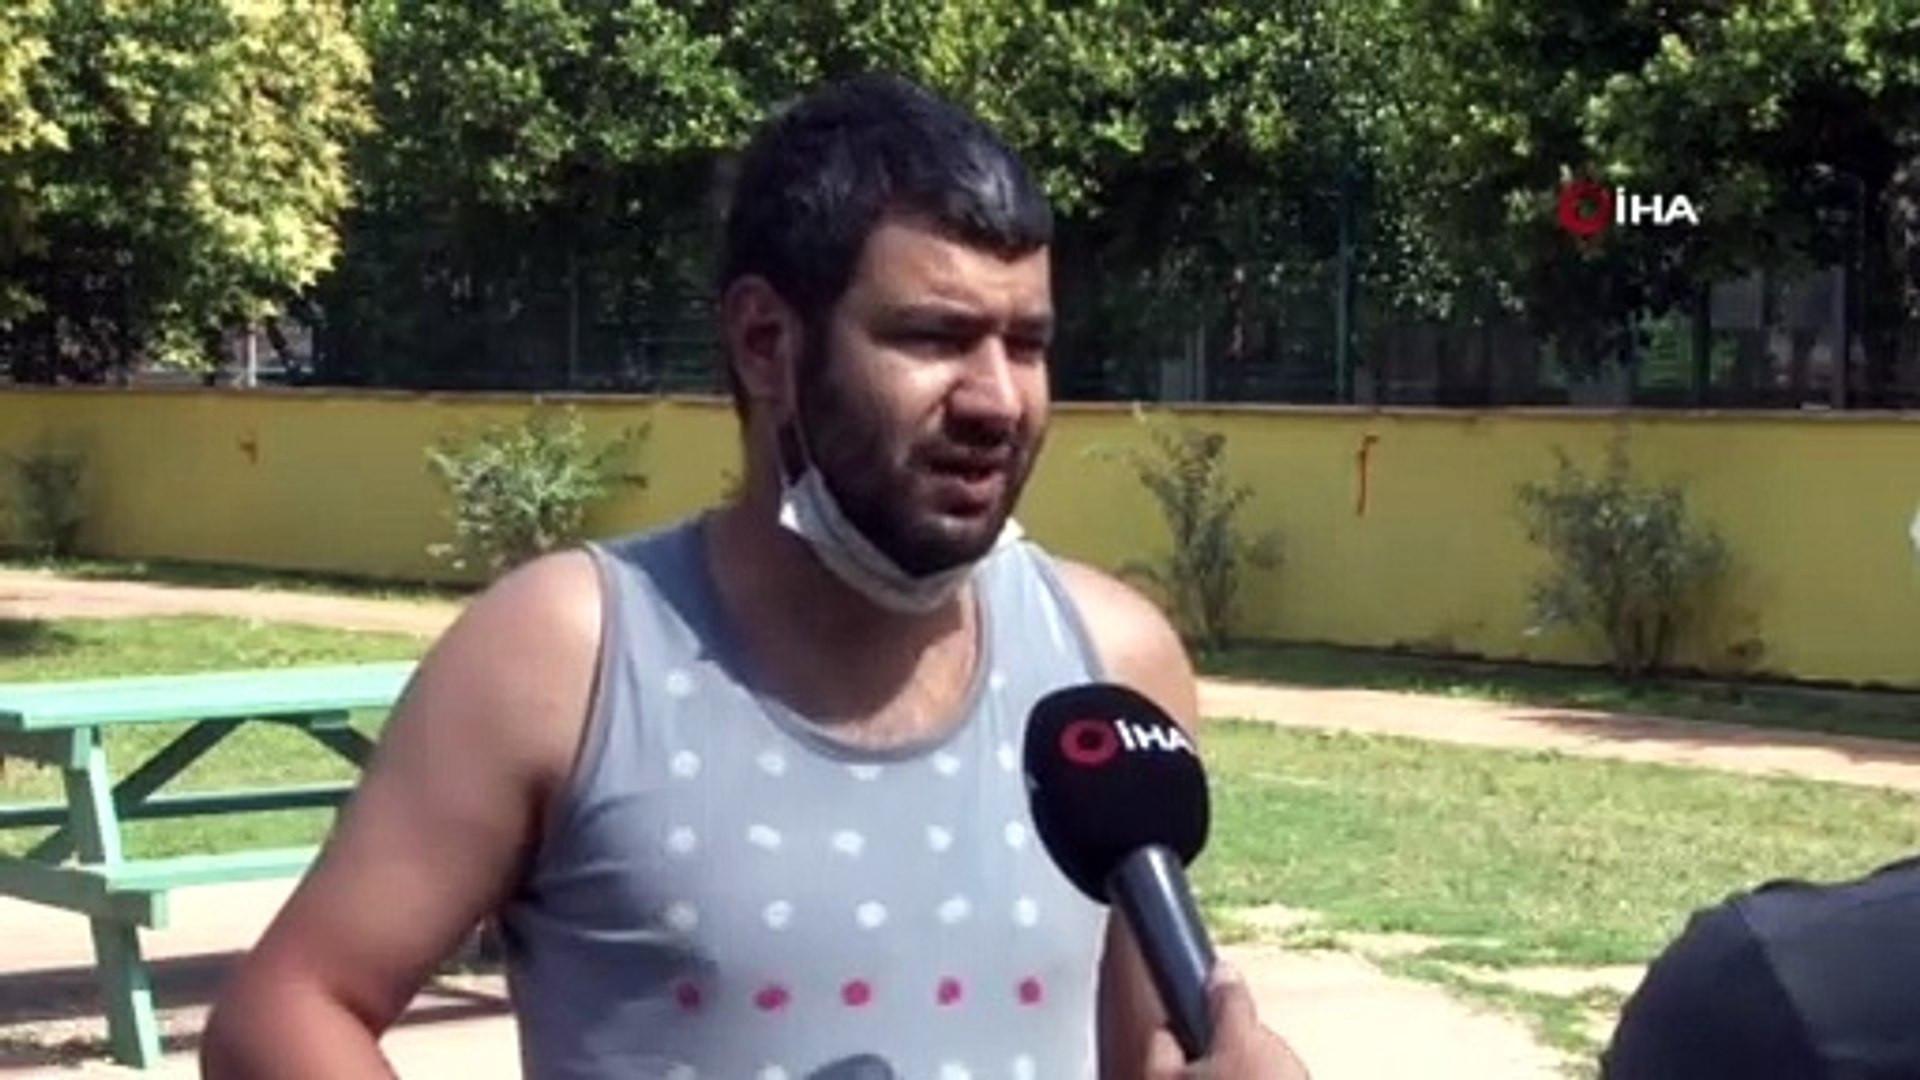 Çöp toplayarak KPSS'de Türkiye 25'incisi olan genç hayatının şokunu yaşadı